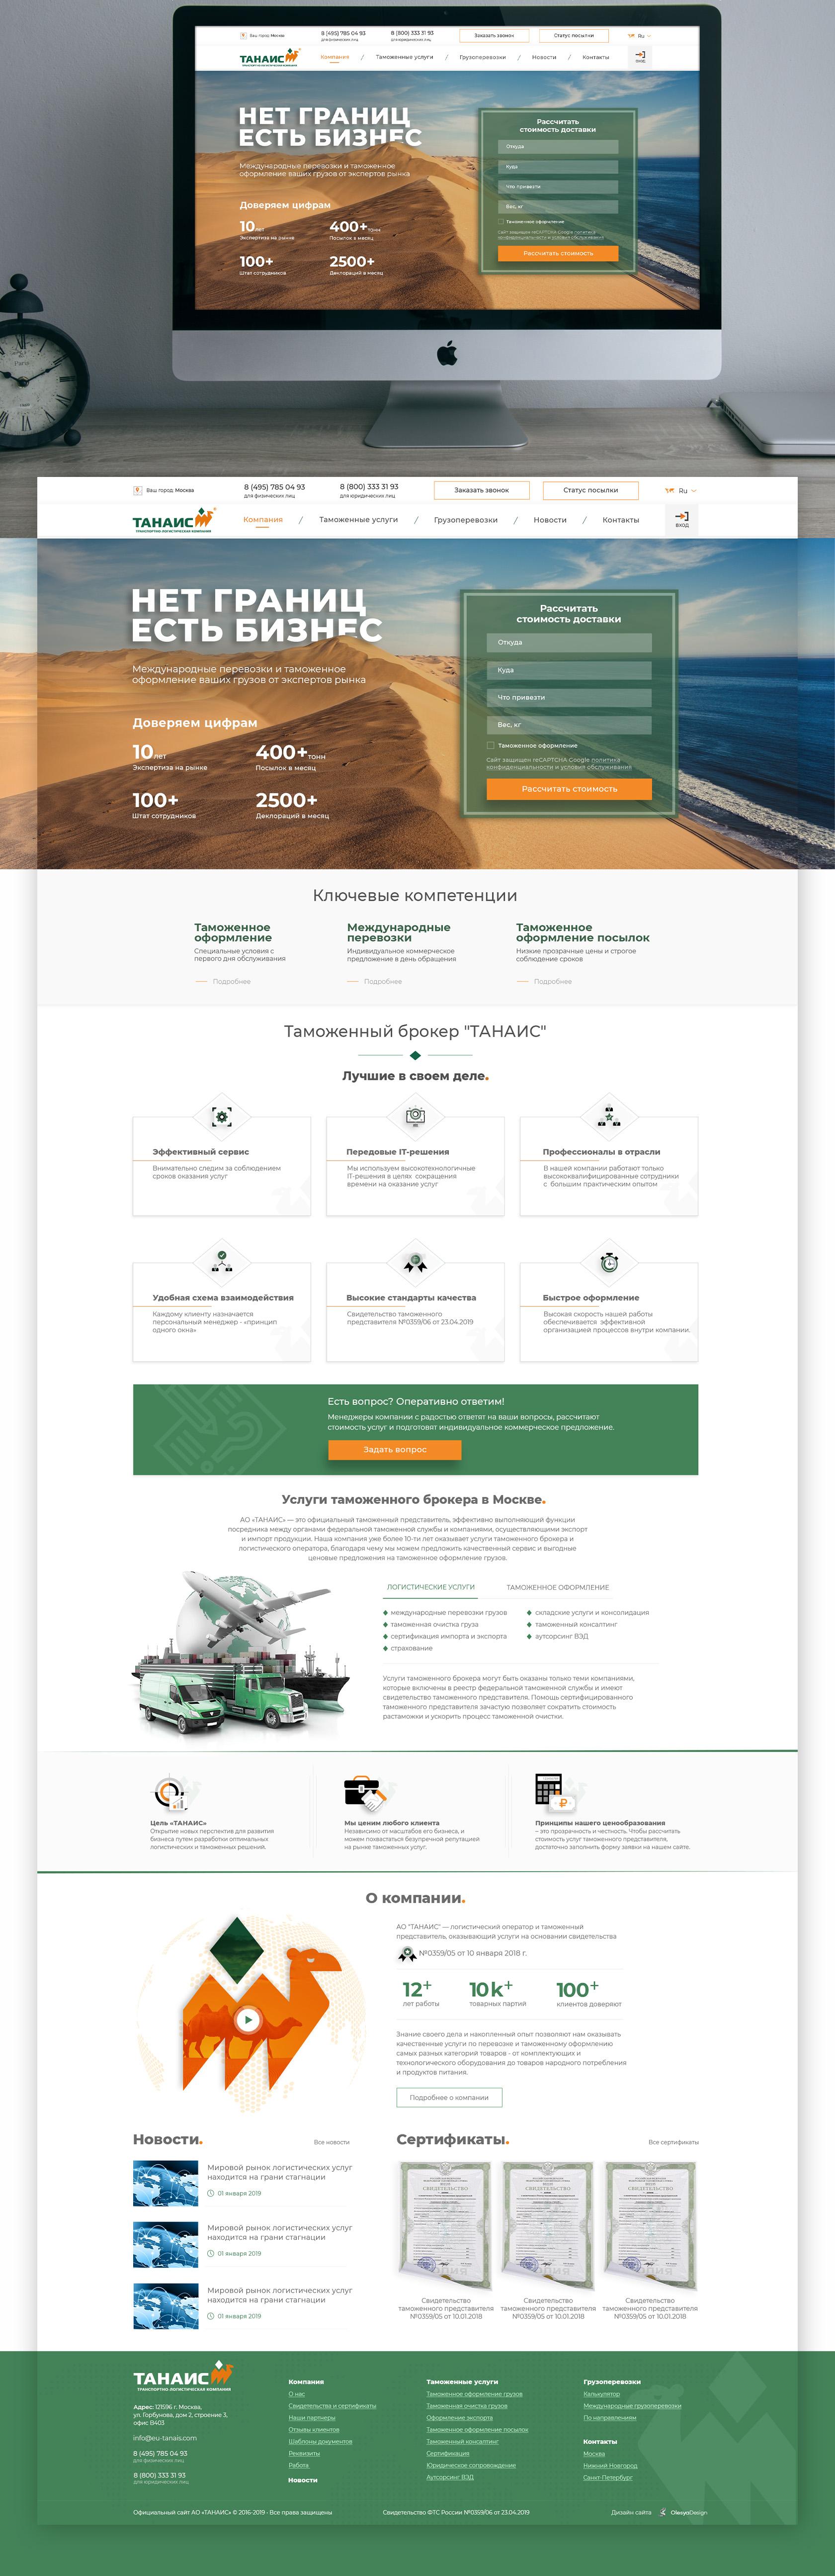 Таможня (Сайт услуг)